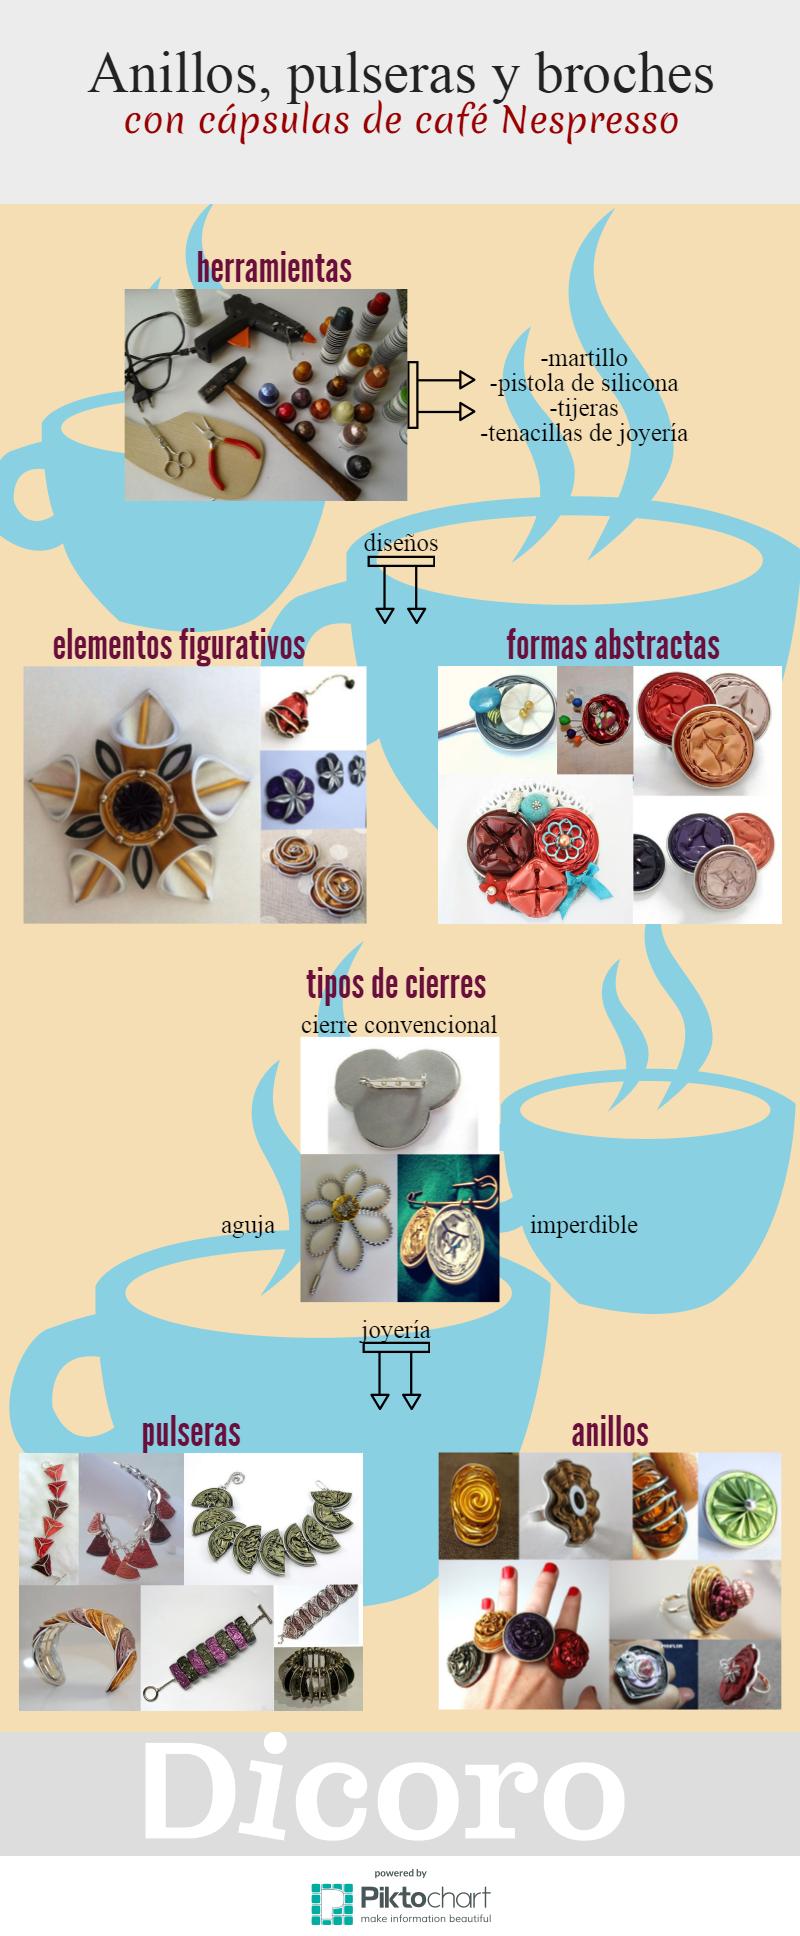 anillos, pulseras y broches con cápsulas de café Nespresso